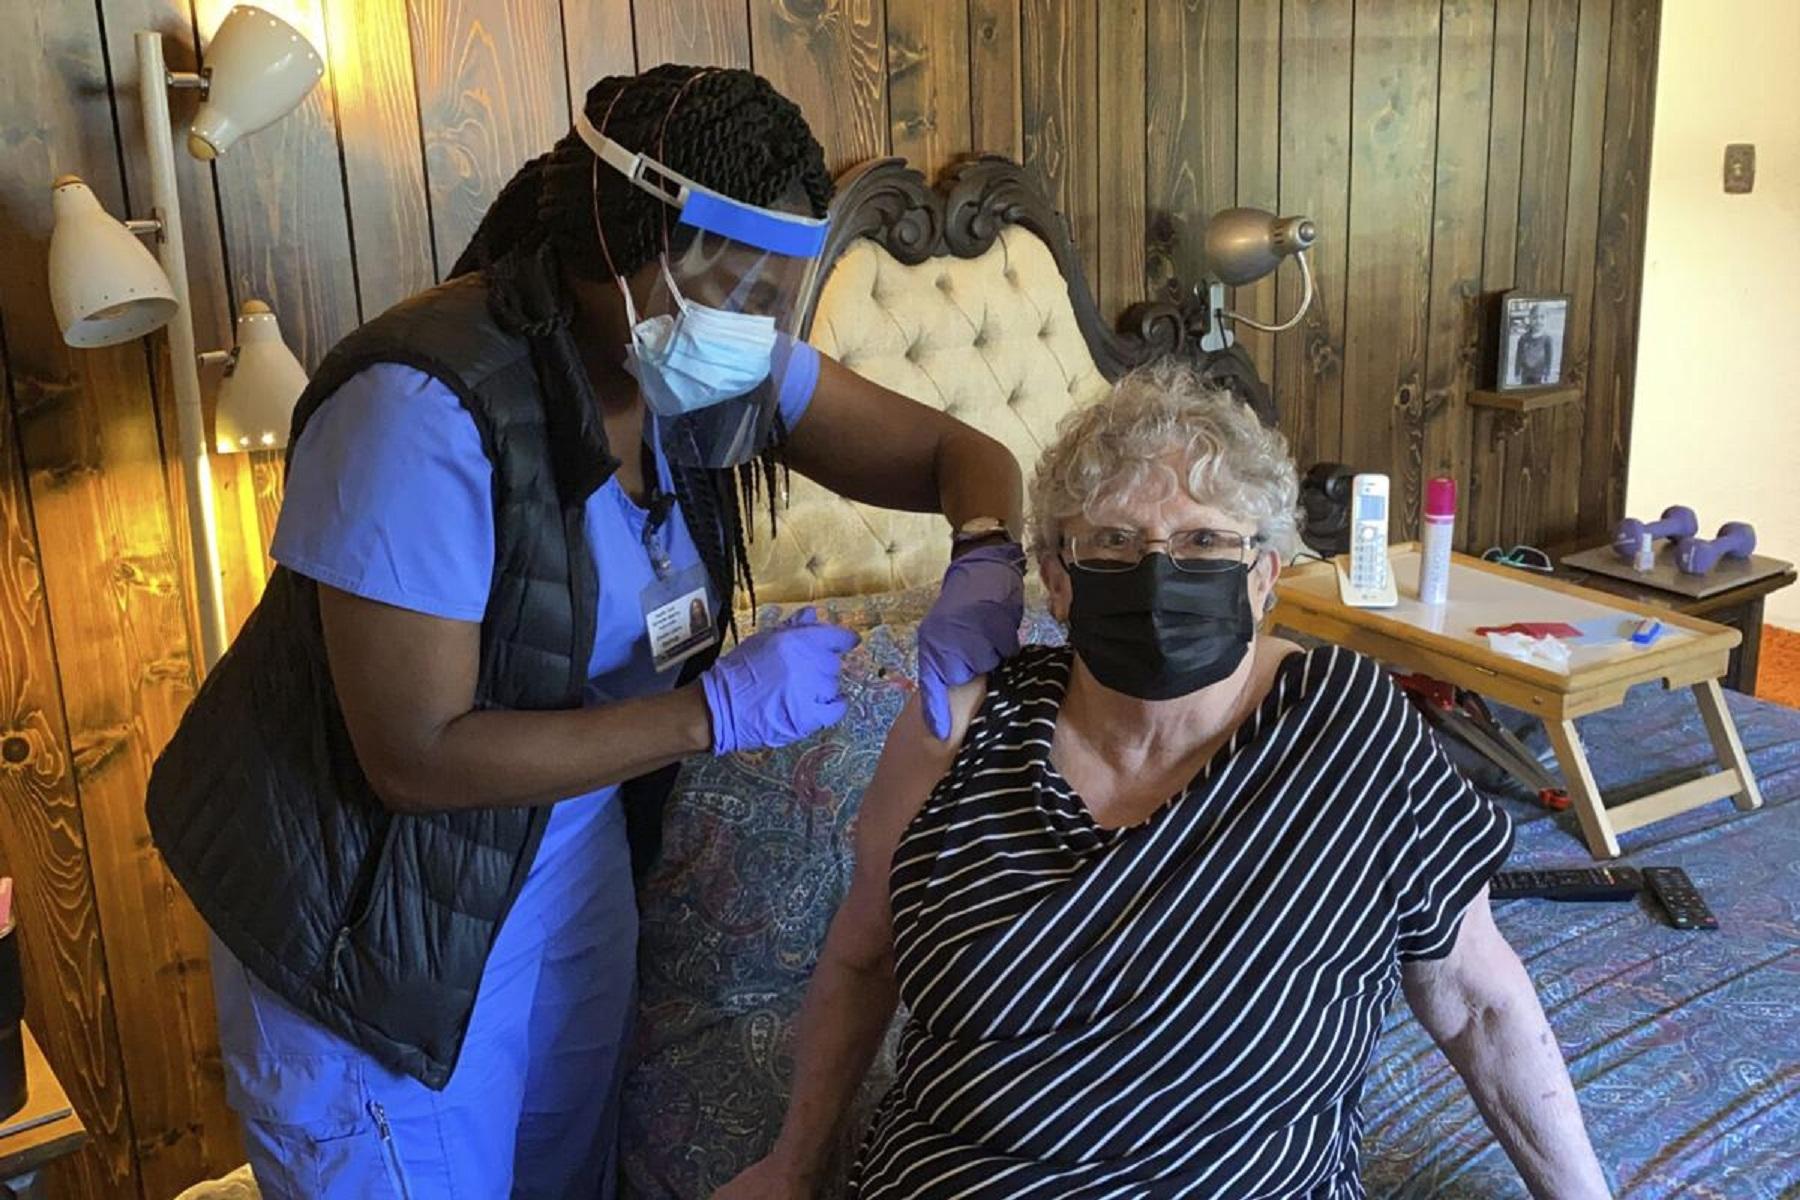 Εμβολιασμός ΗΠΑ: Νοσοκόμες, μη κερδοσκοπικοί οργανισμοί και άλλοι κάνουν εμβόλια covid-19 στο σπίτι